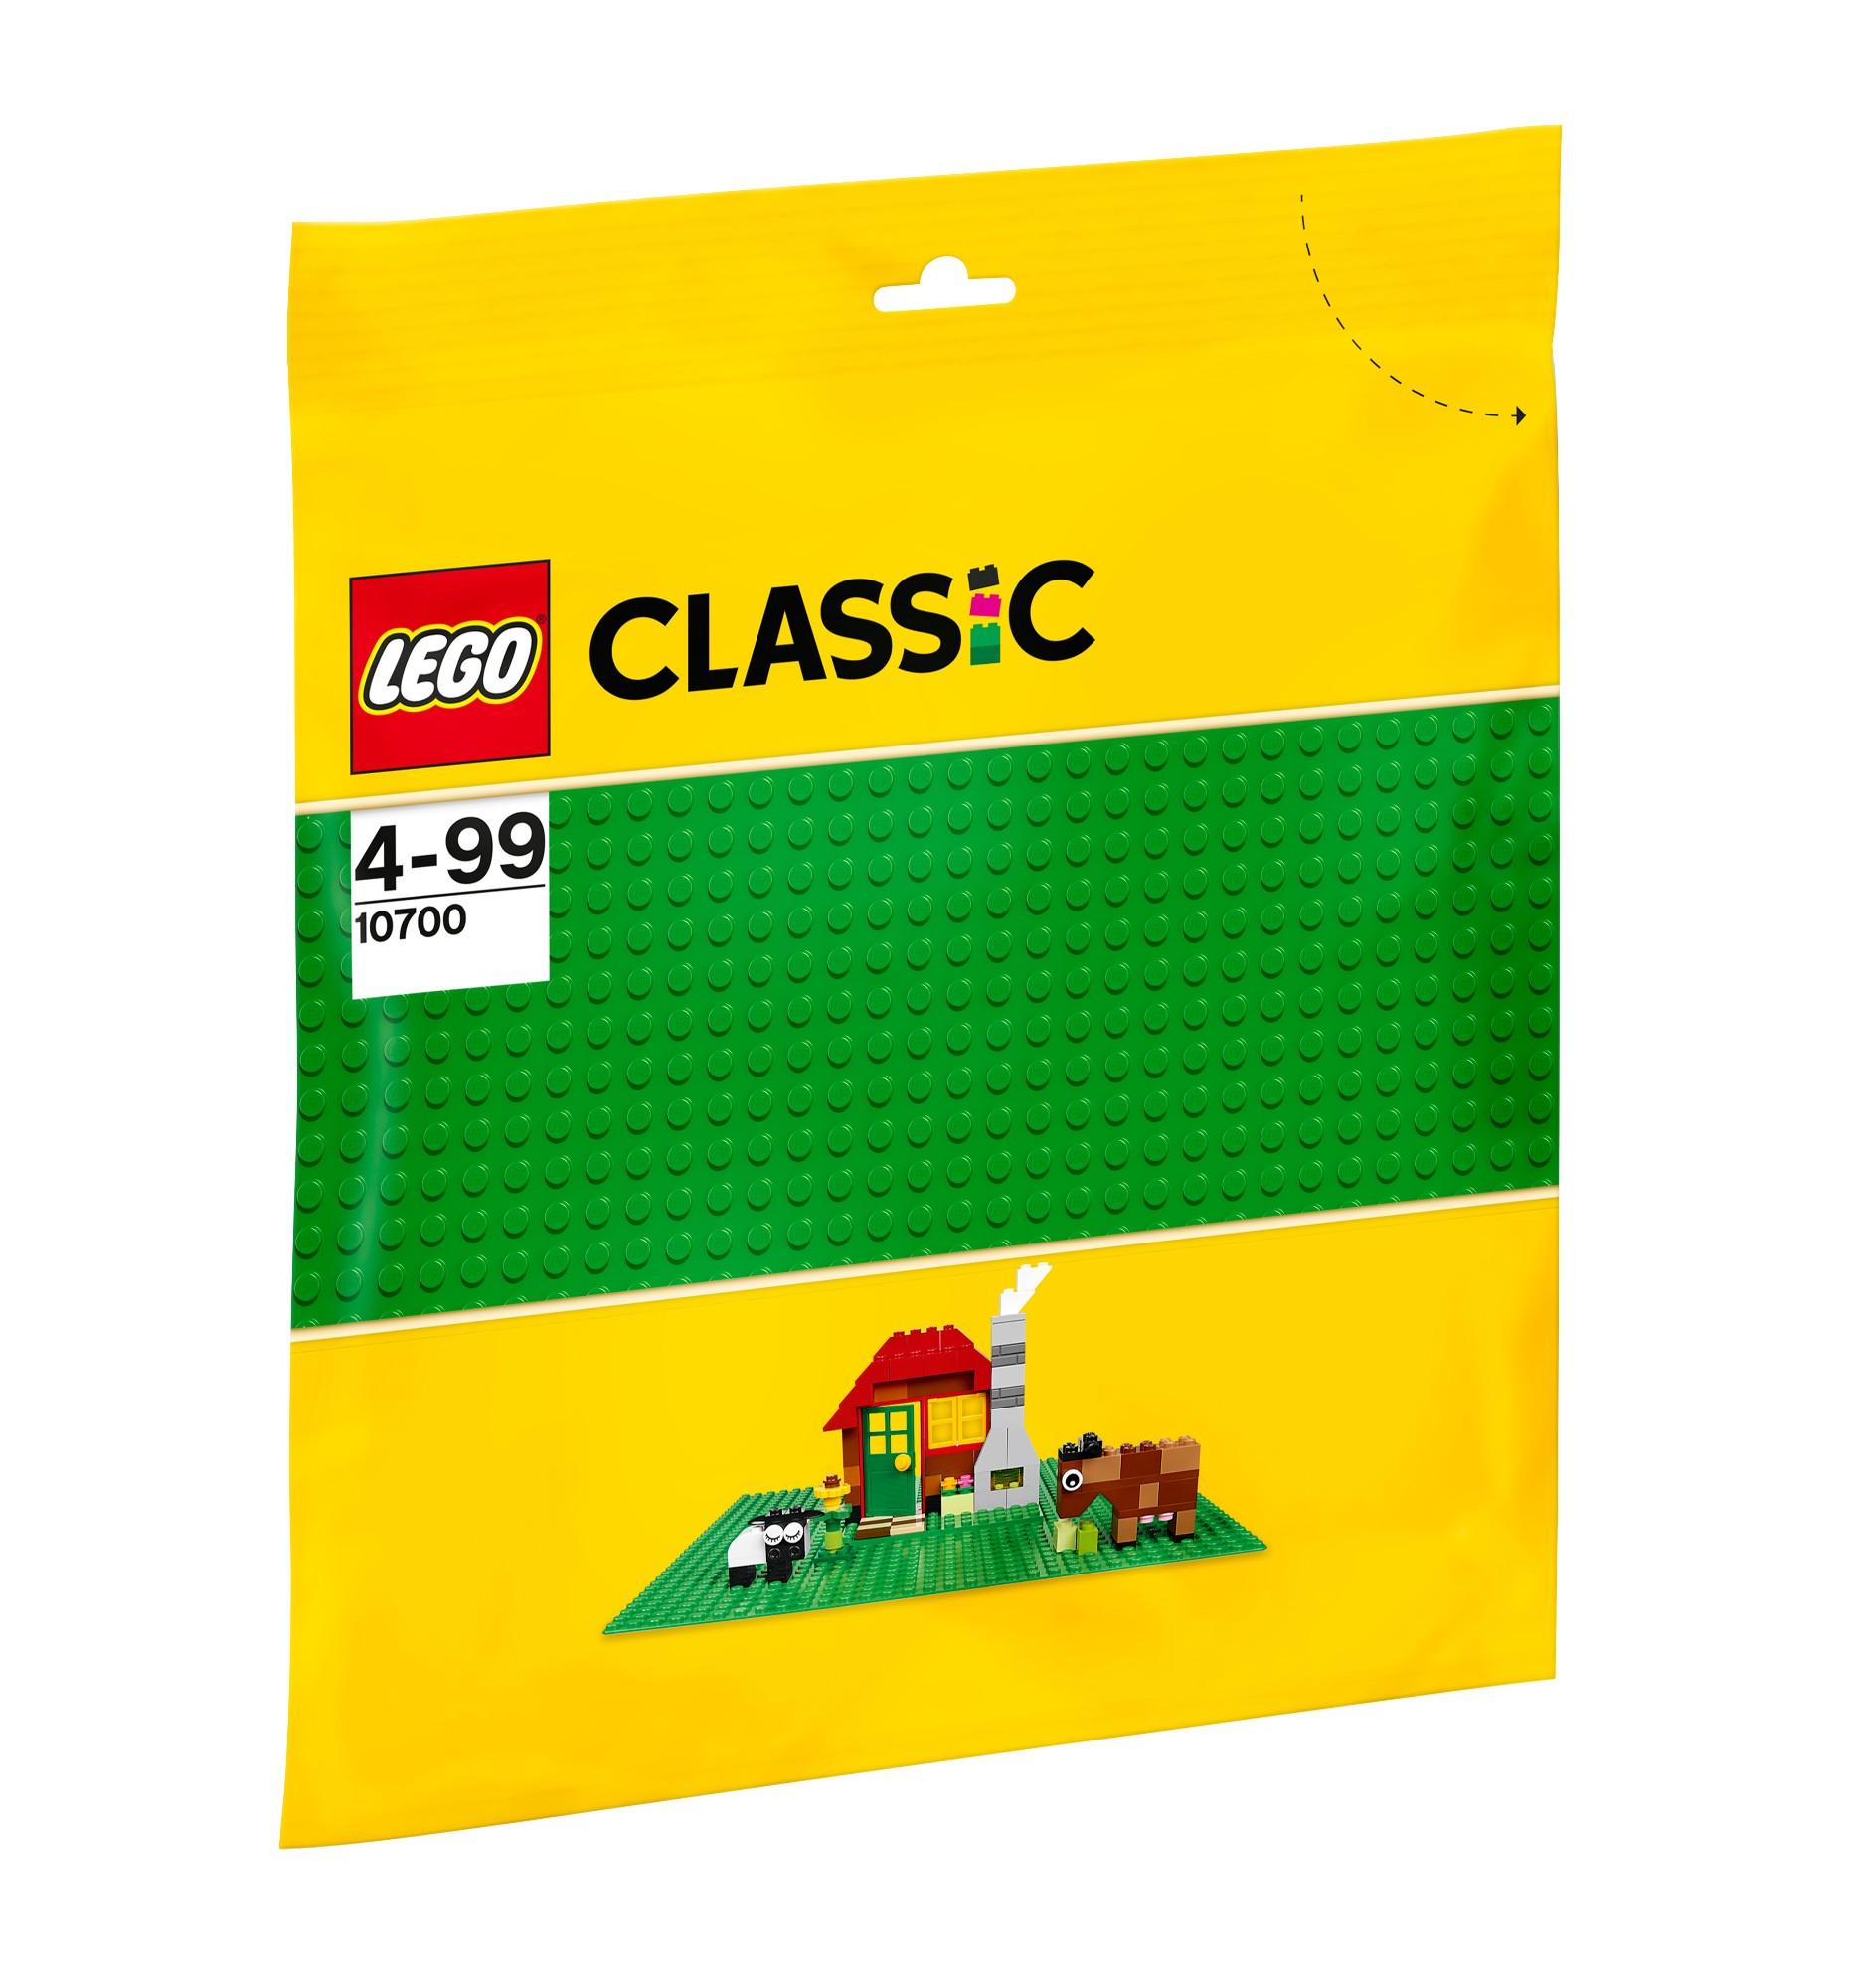 Žalia pagrindo plokštė LEGO Classic vaikams nuo 4 metų, 25 x 25cm (10700)